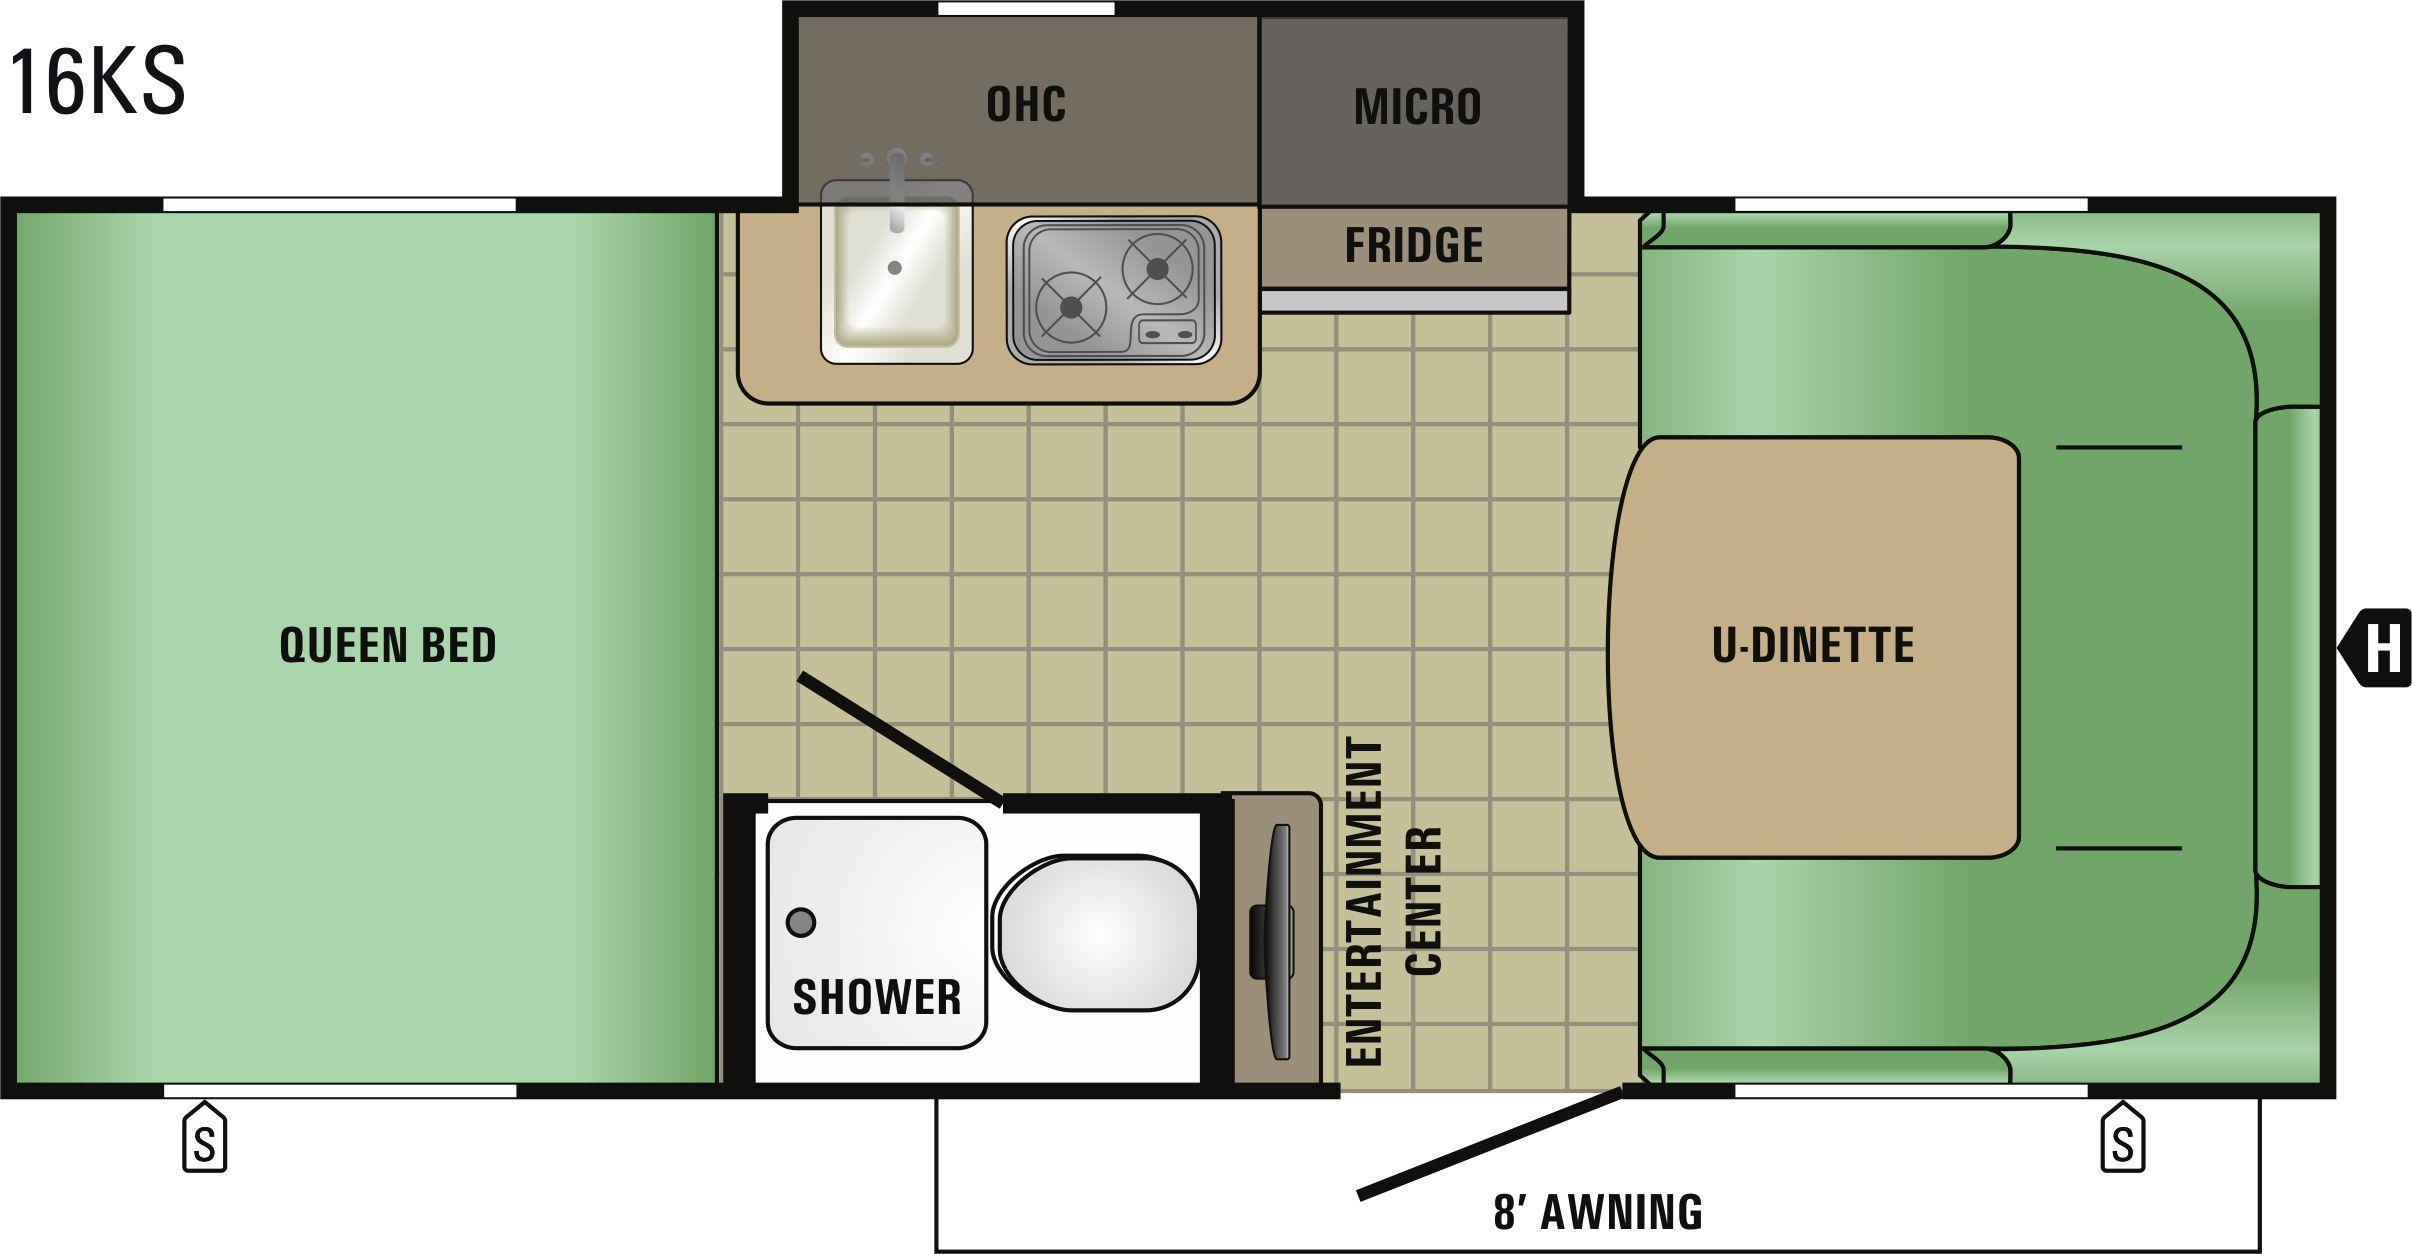 16KS Floorplan